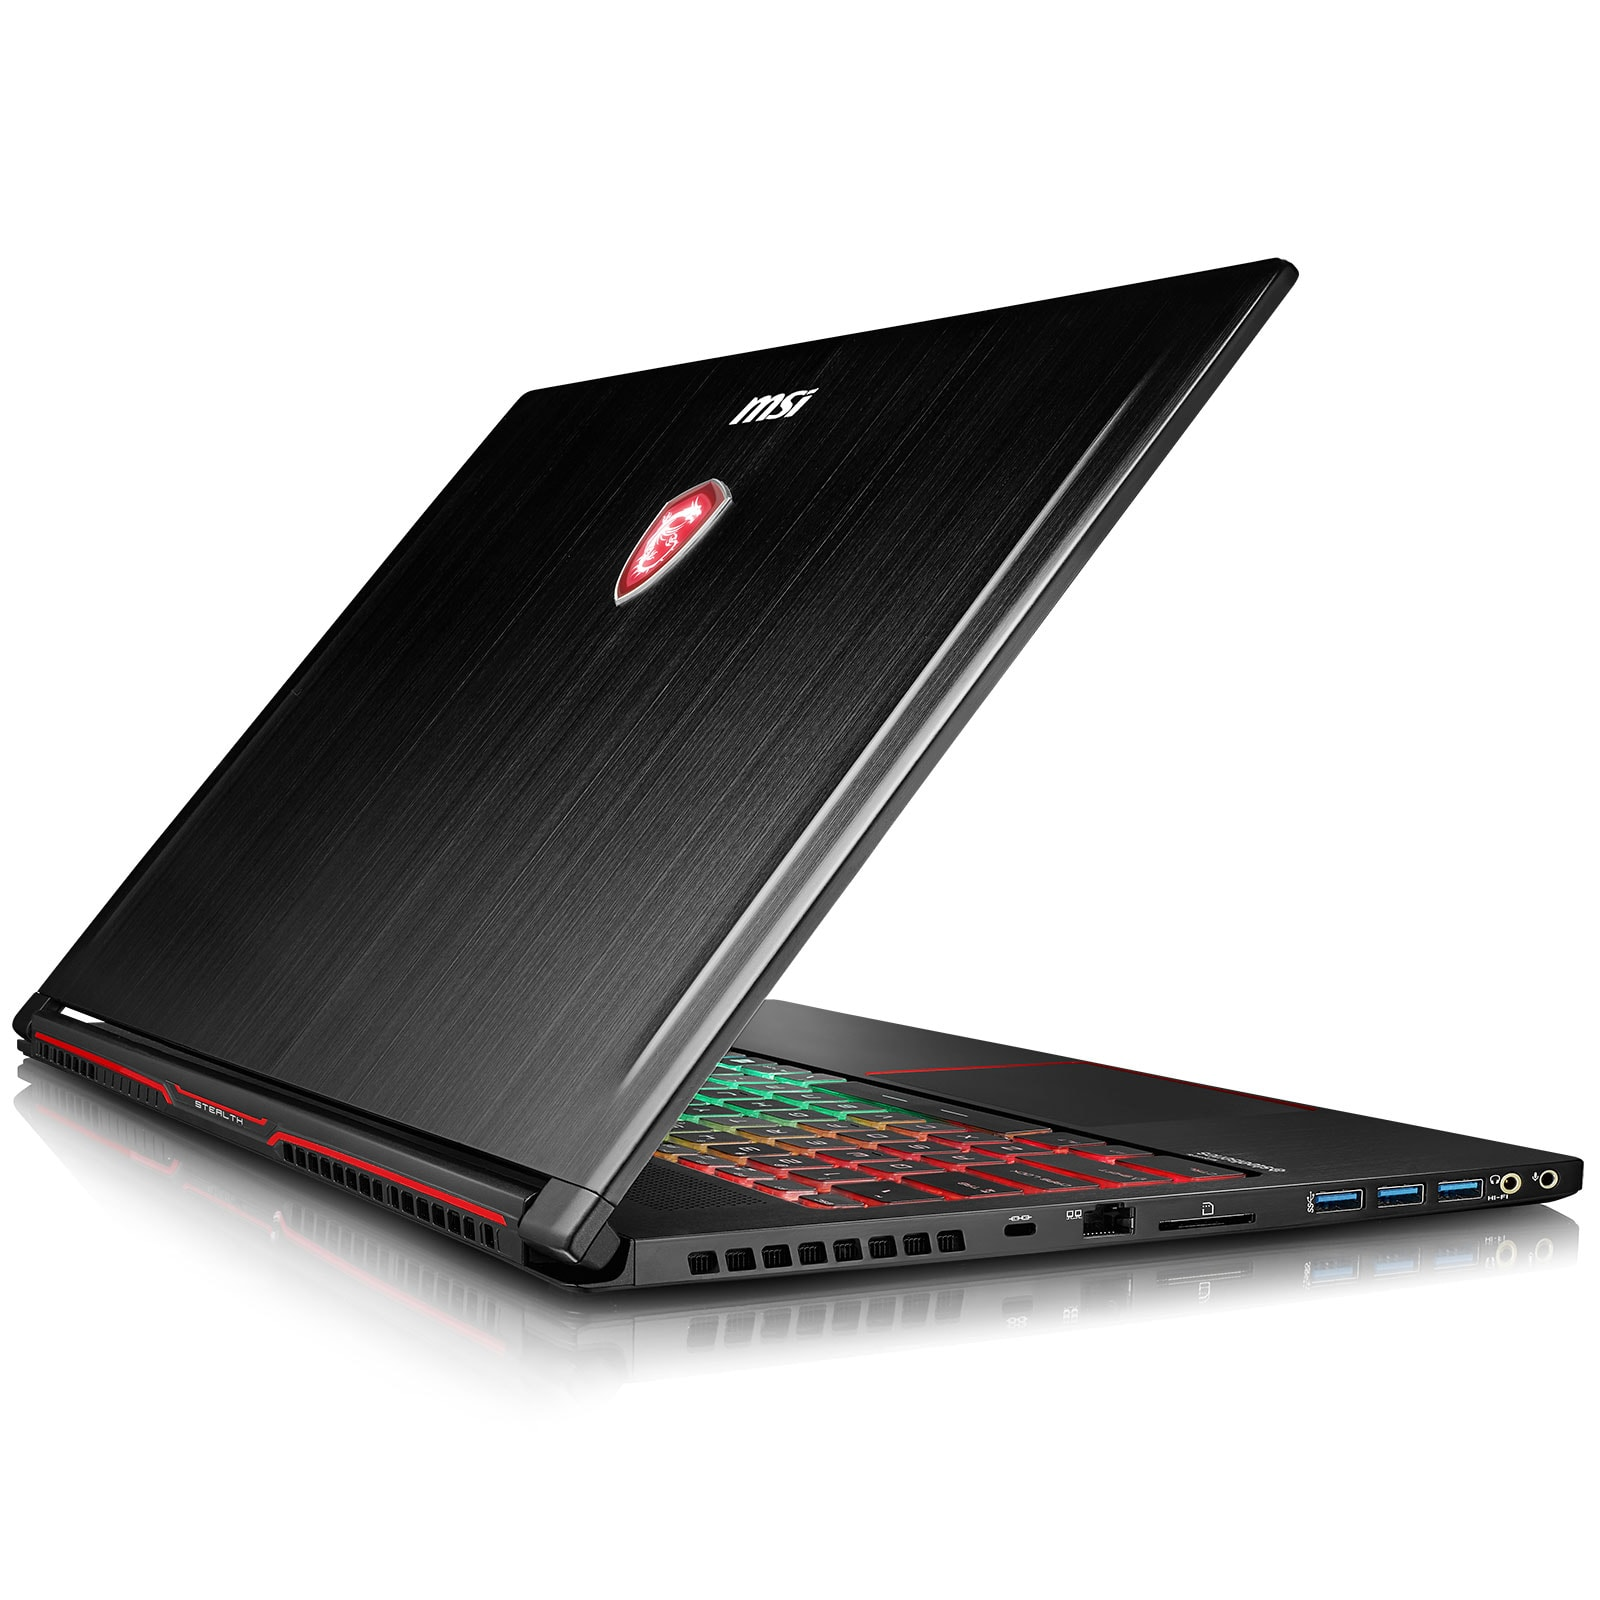 MSI 9S7-16K212-262 - PC portable MSI - Cybertek.fr - 1